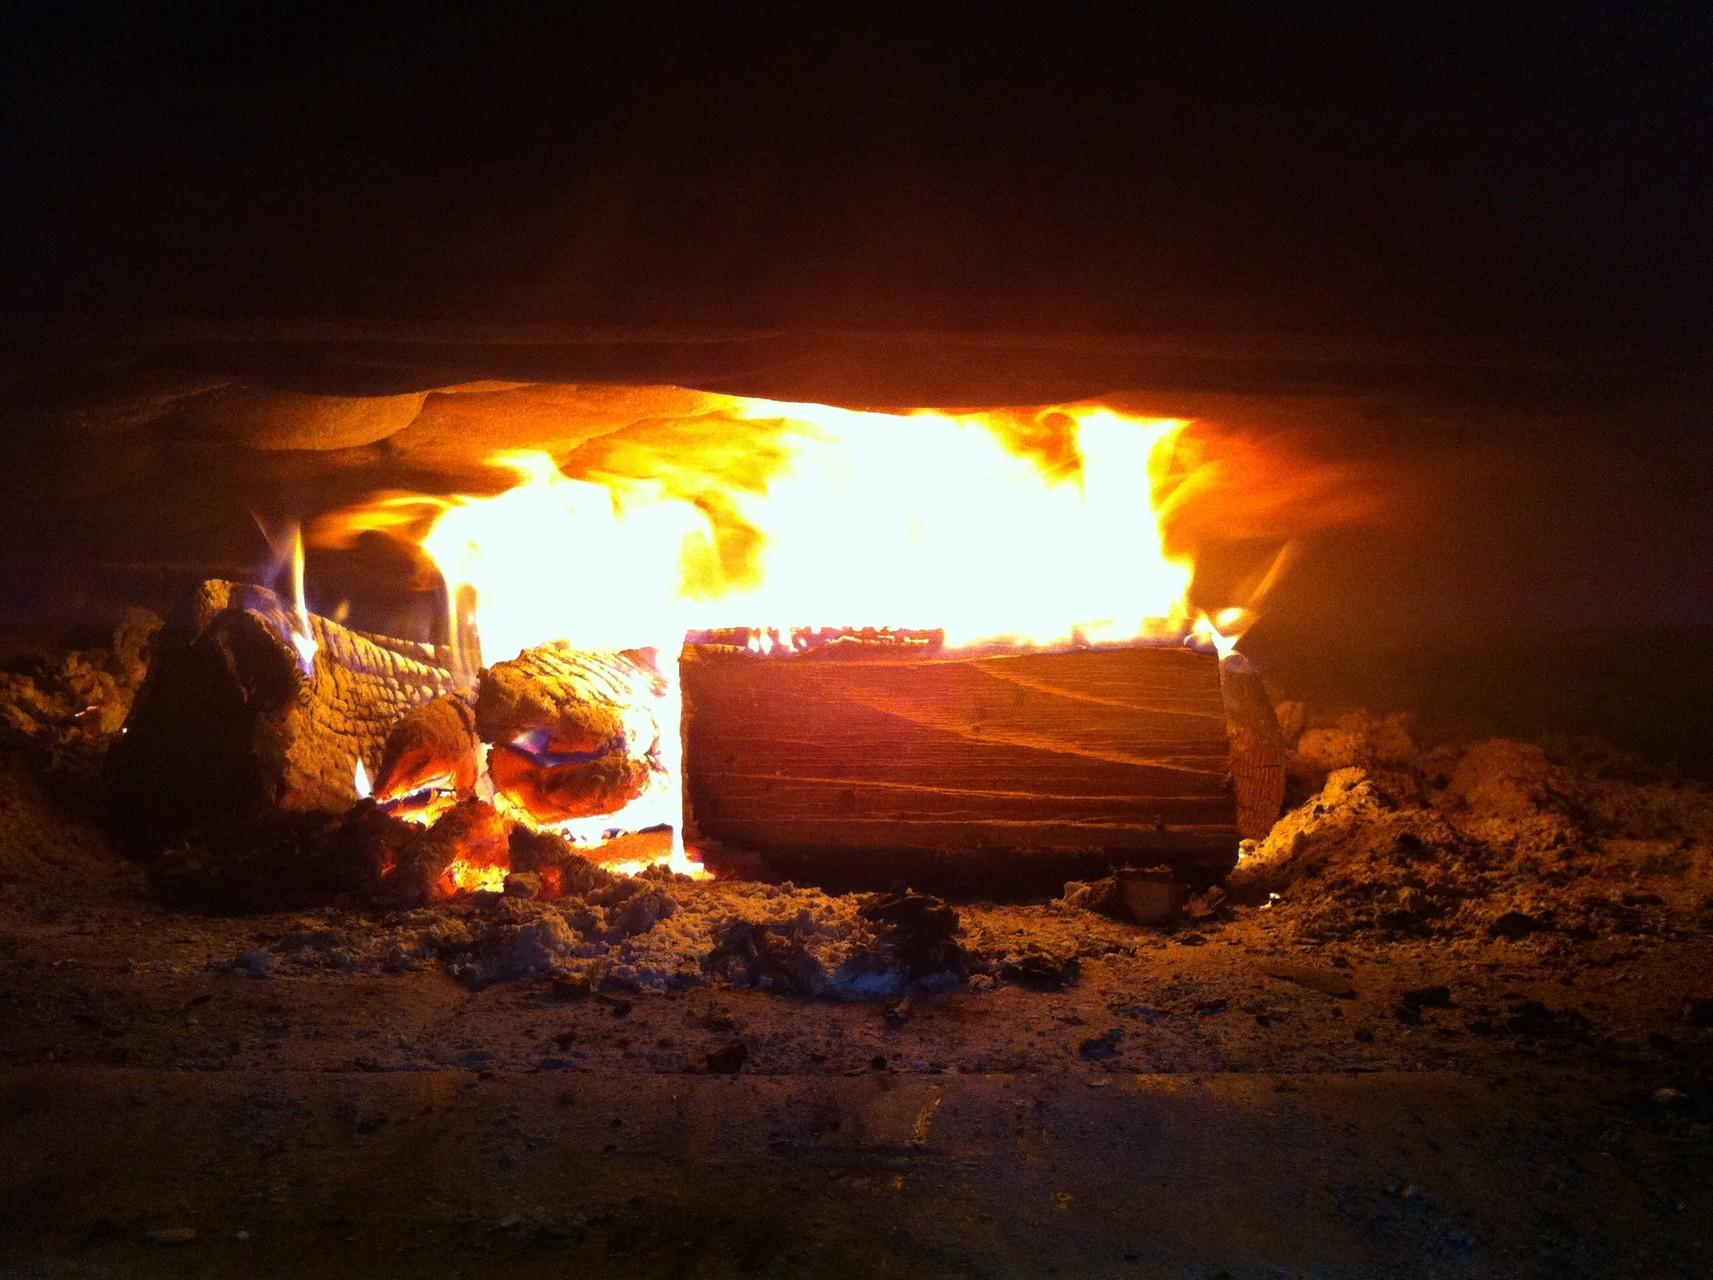 warm,,, heiss,,, bald kommt das Brot hinein,,,